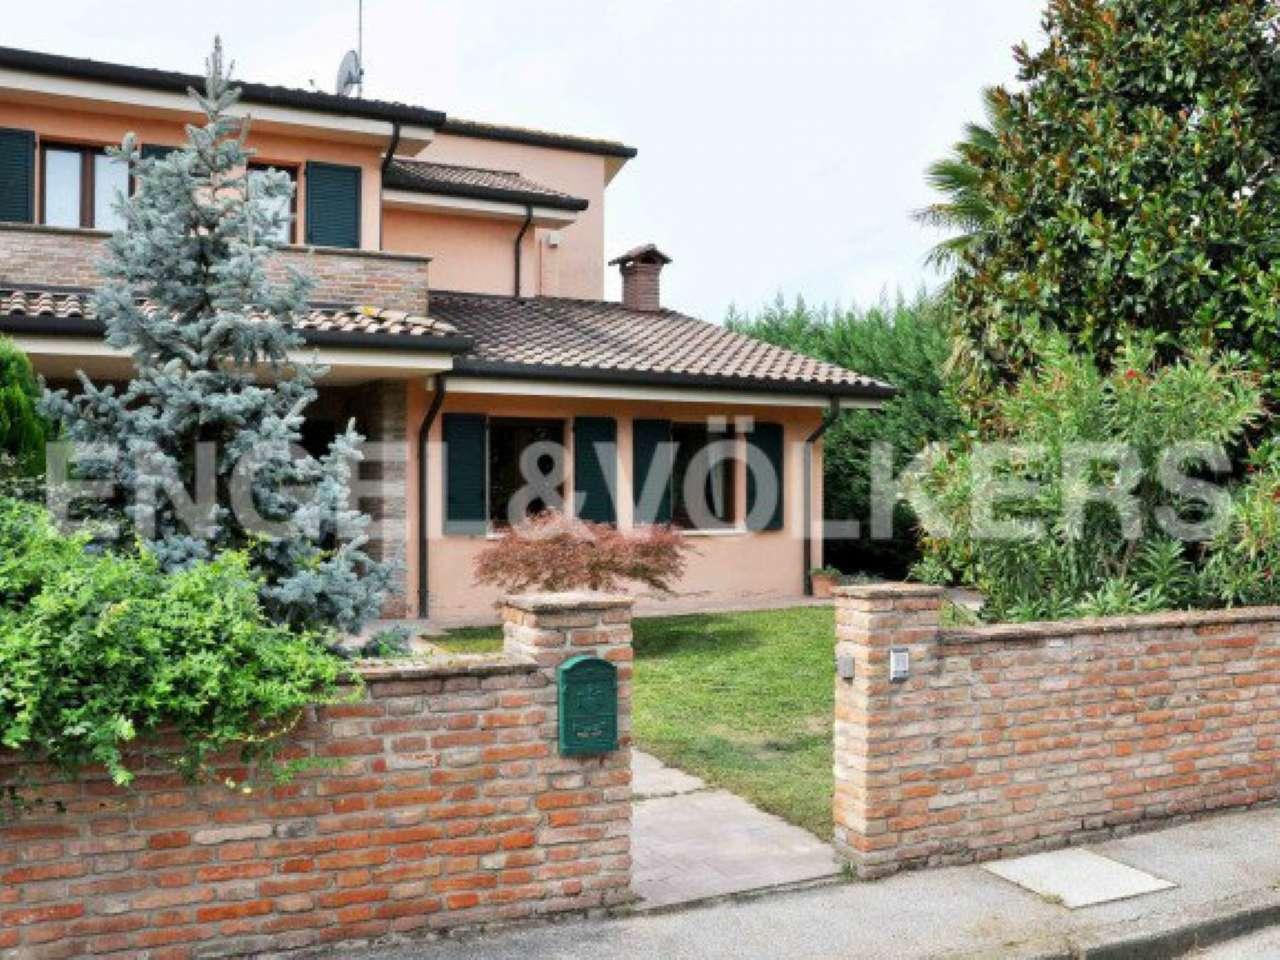 Soluzione Indipendente in vendita a Mirabello, 6 locali, prezzo € 240.000 | CambioCasa.it